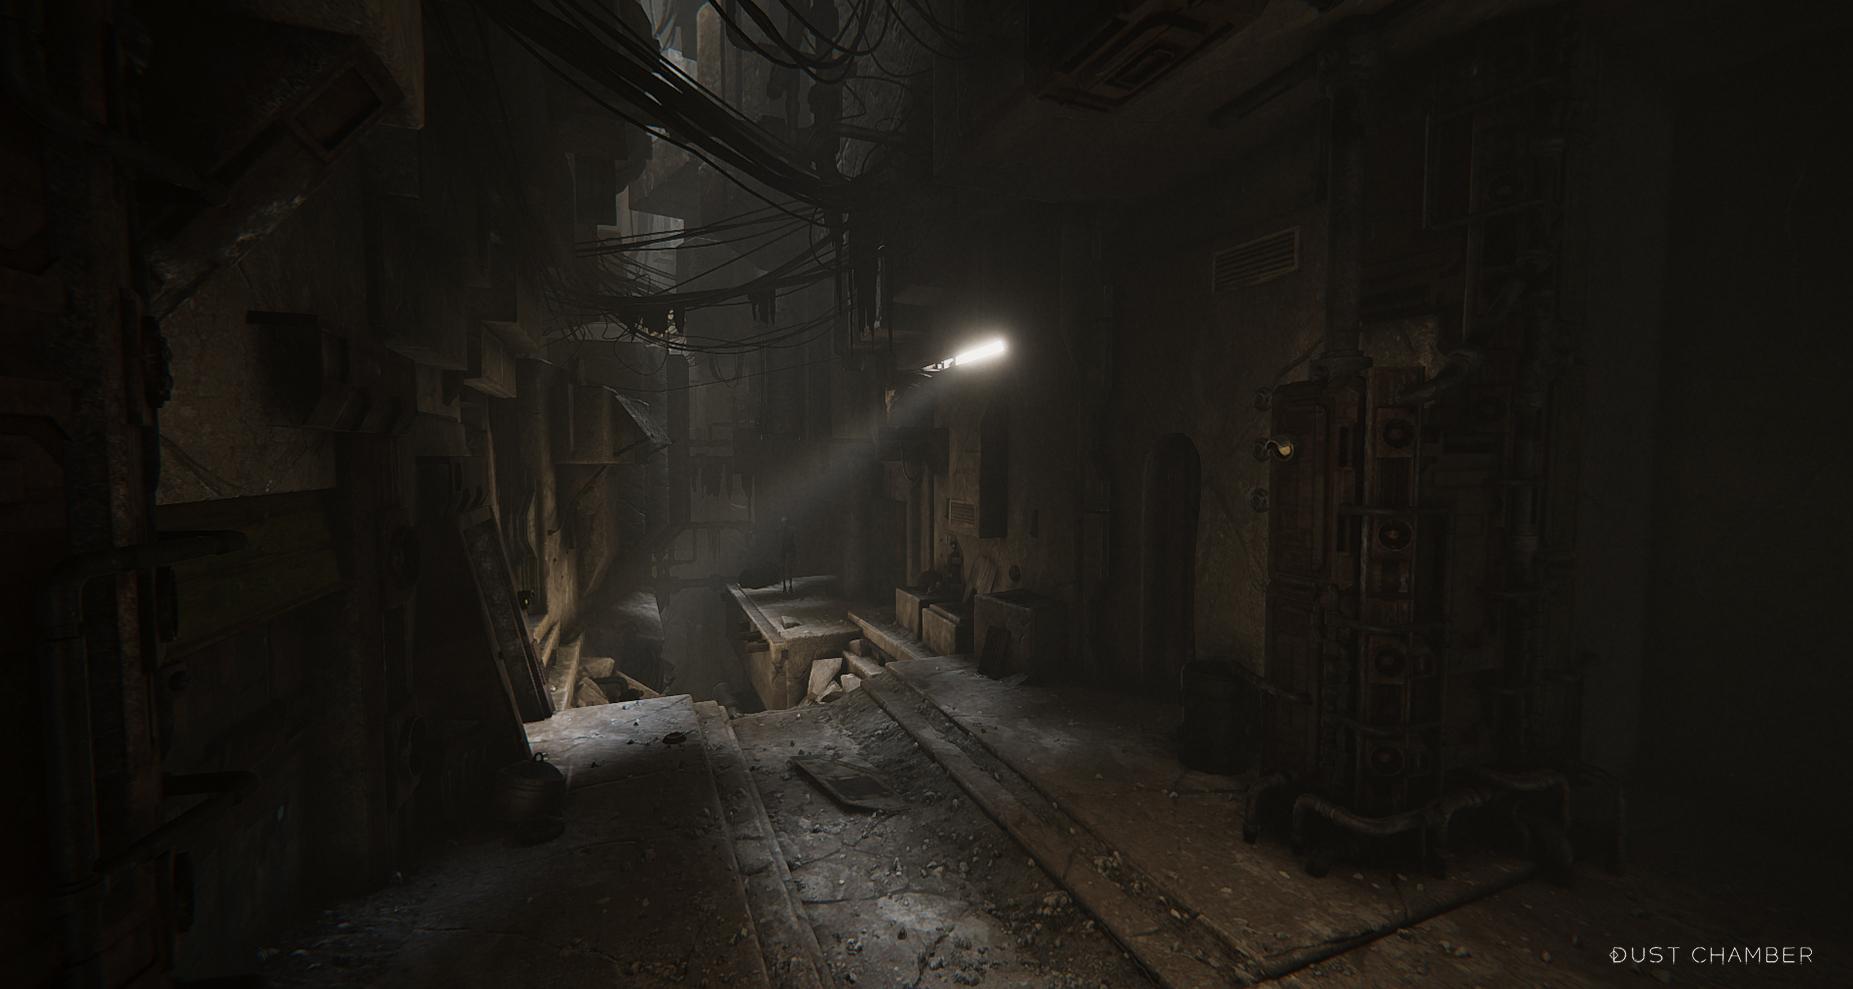 day | Dust Chamber : Бесконечная Структура, пыль, спуск в бездну